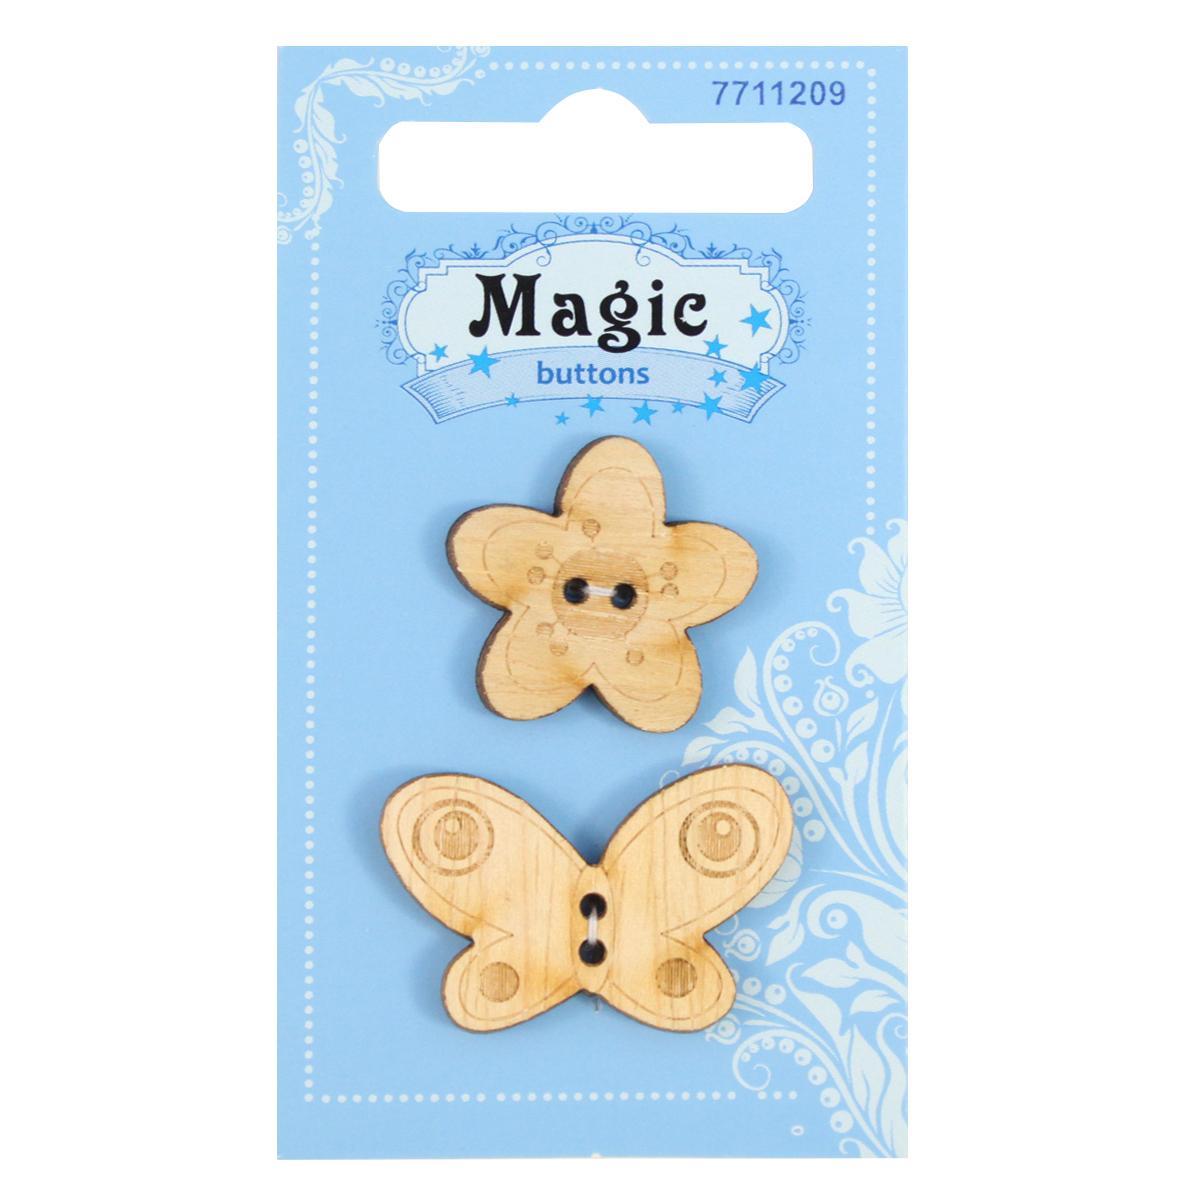 Пуговицы декоративные Magic Buttons Бабочка и цветок, 2 шт7711209Пуговицы бренда Magic Buttons восхищают разнообразием стилей. Они станут отличным дополнением в качестве завершающего штриха на одежде, кроме того их можно использовать в скрапбукинге, создавать с помощью них интересные открытки, подарочные конверты и многое, многое другое.